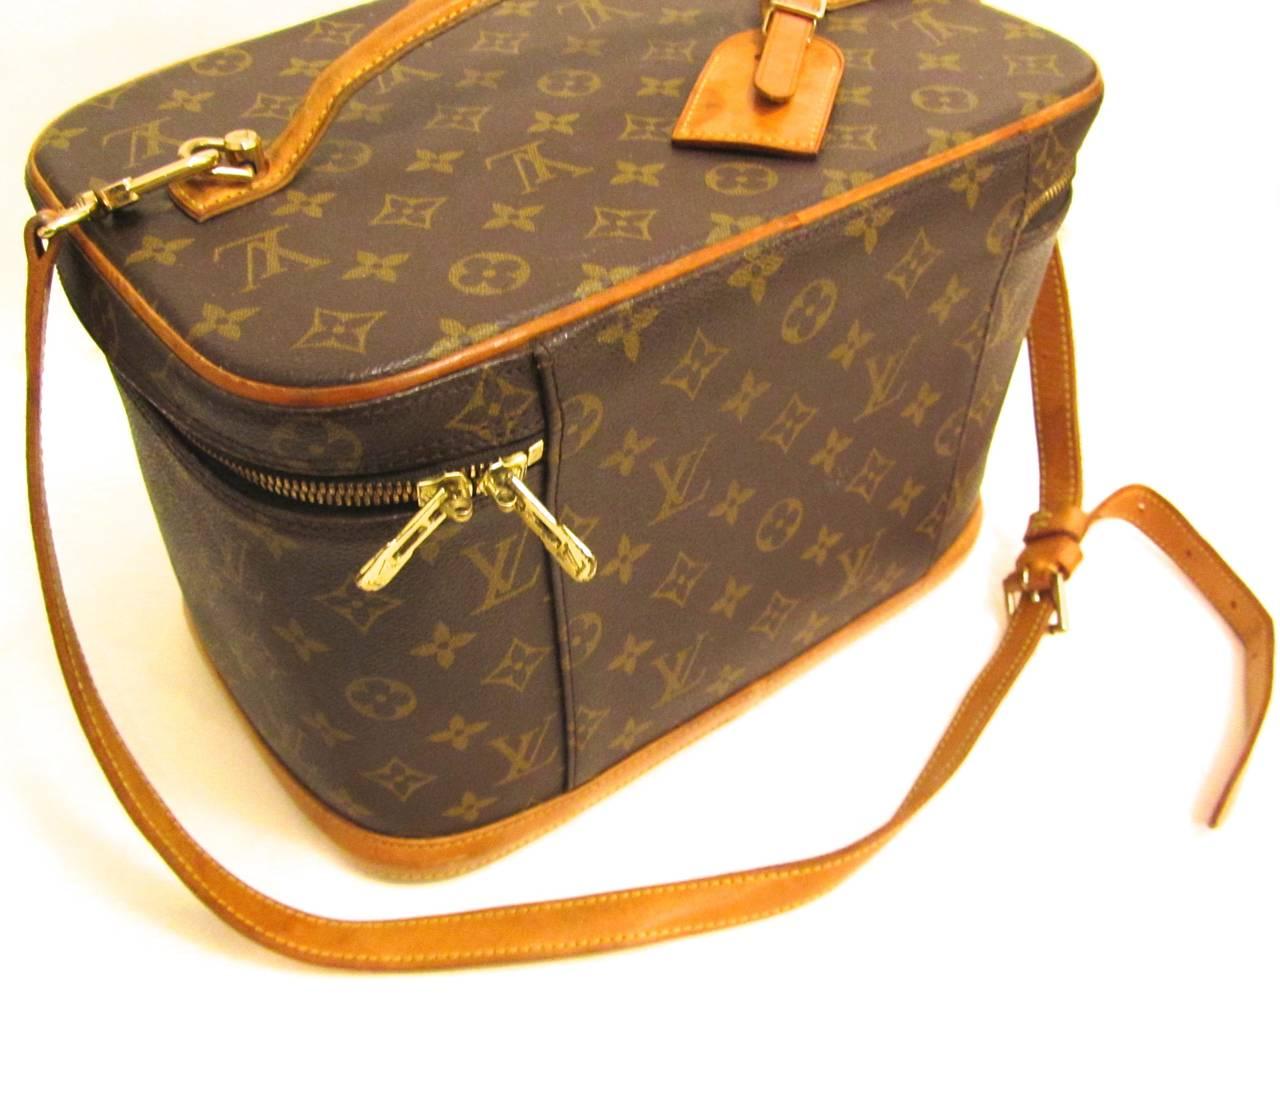 Louis Vuitton Train Case / Traveling Makeup Bag 7